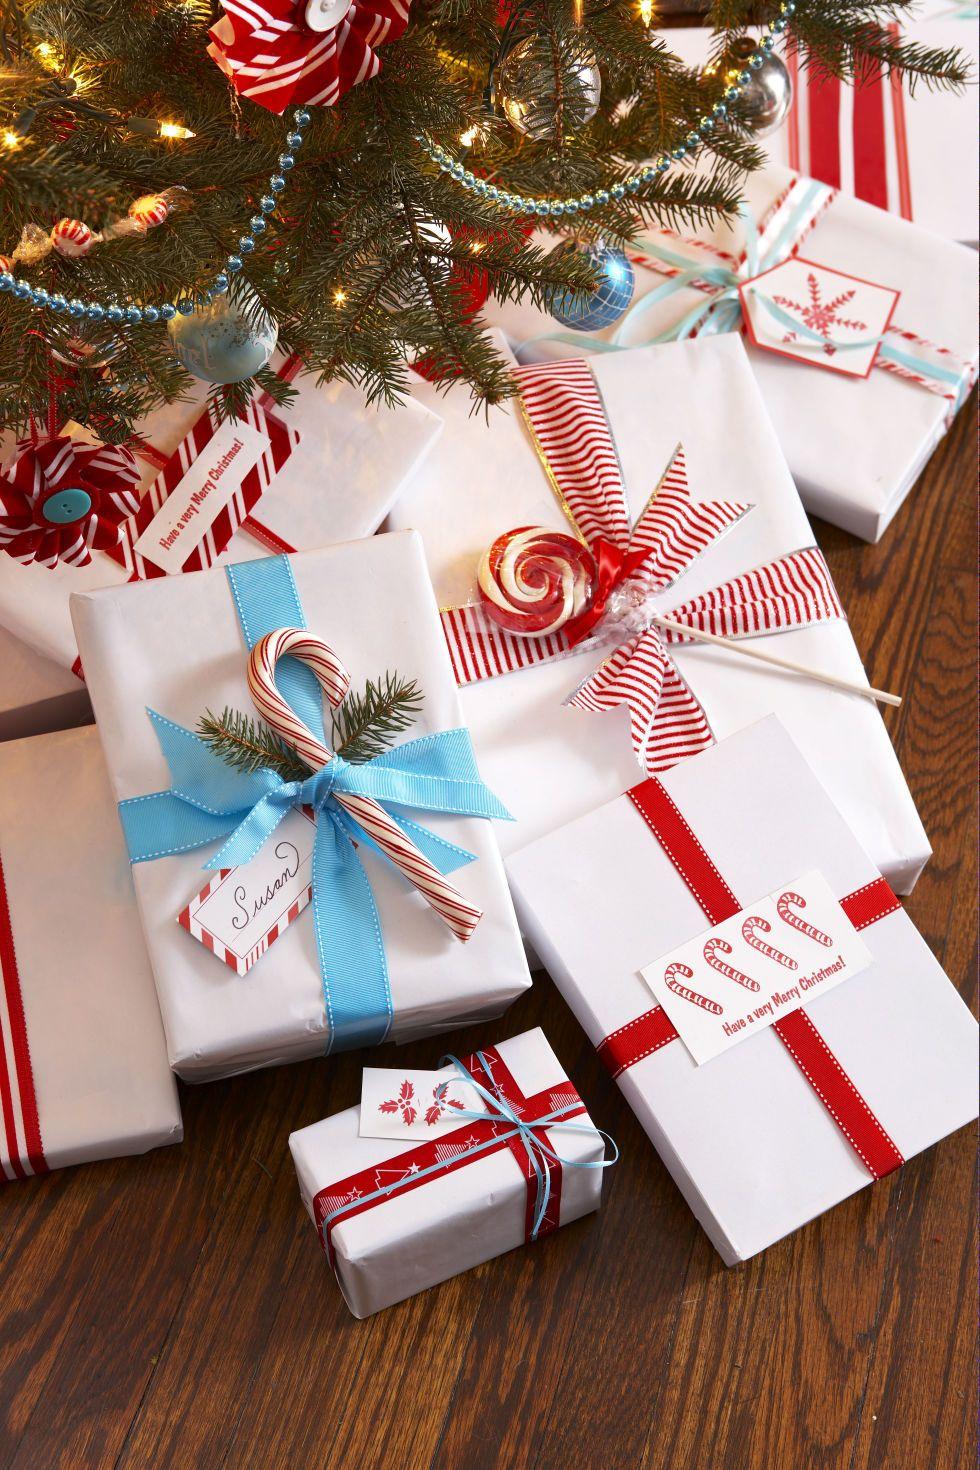 Best Christmas Party Theme Ideas Part - 49: 6 Best Christmas Party Themes - Ideas For A Holiday Party